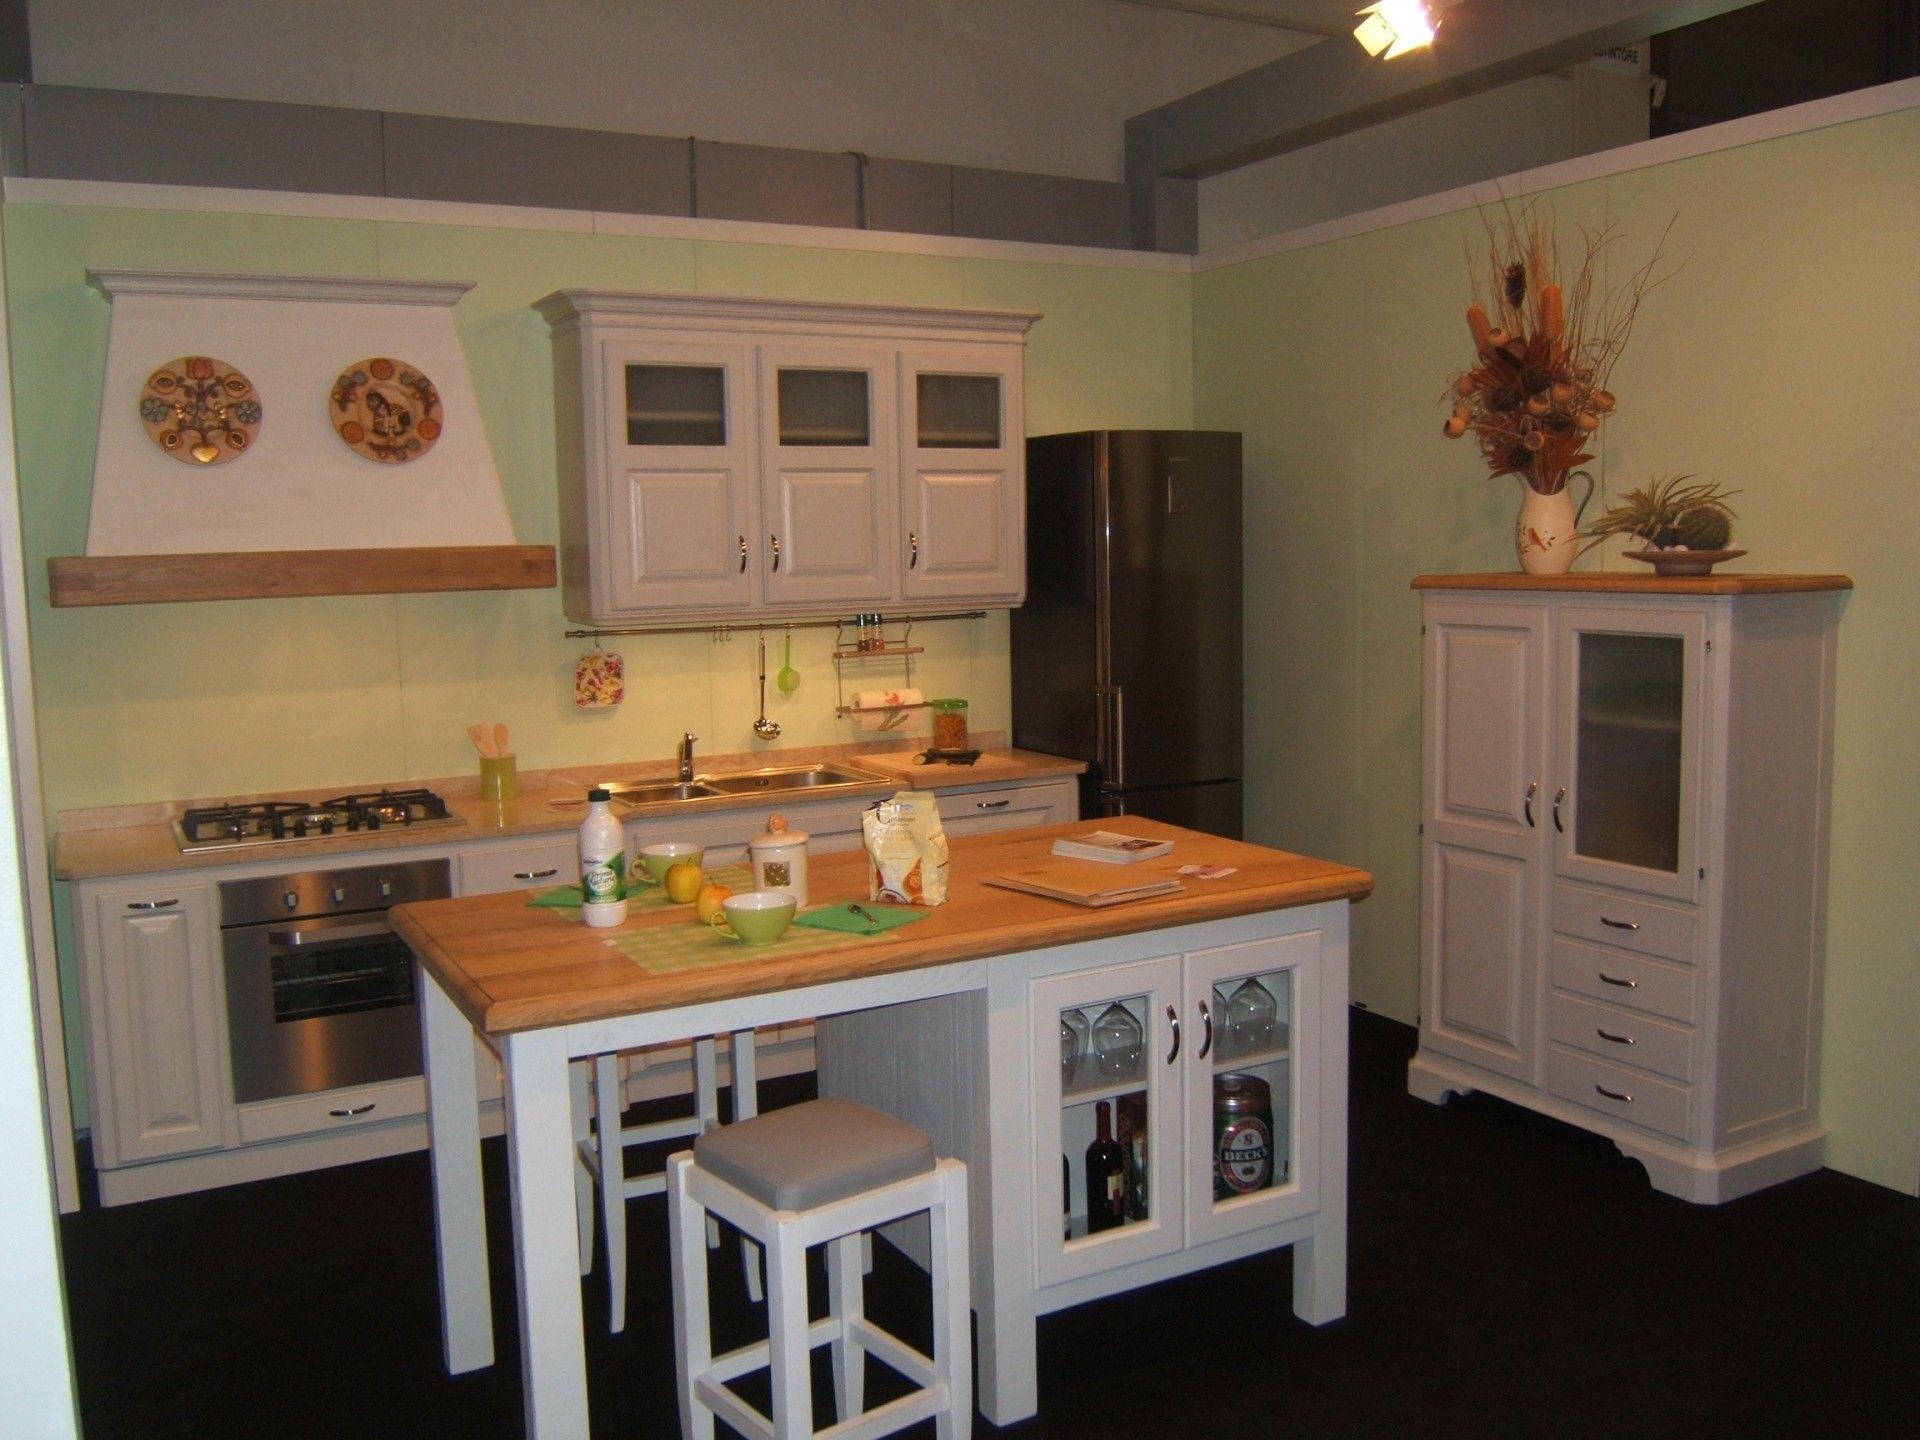 Isola per cucina costruita in legno su misura con